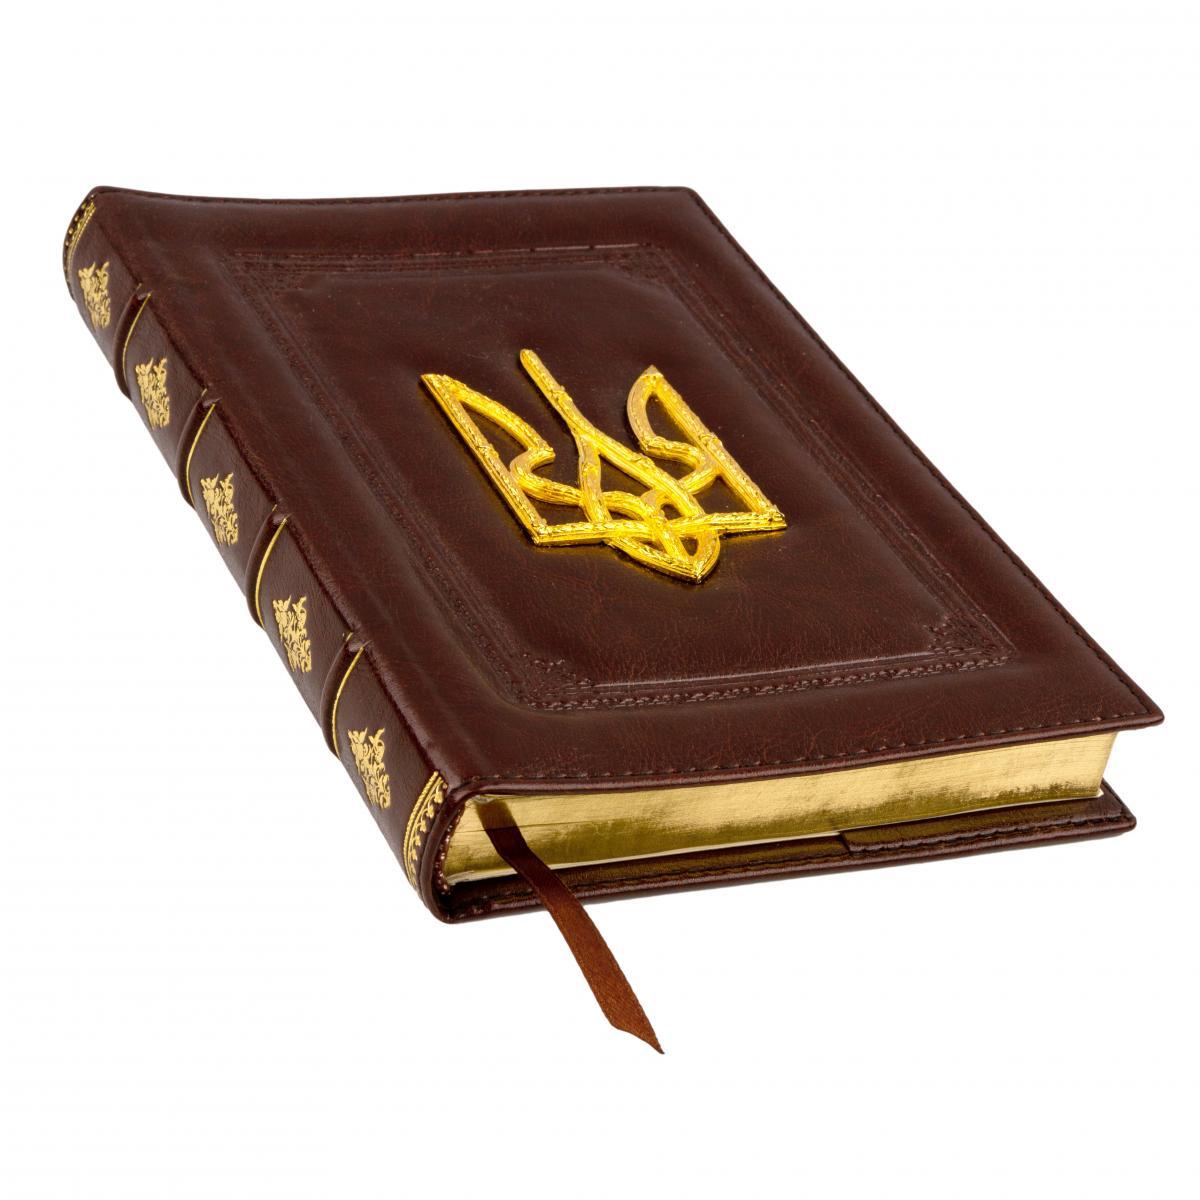 Щоденник з позолоченим тризубом в шкіряній палітурці. Фото №2.   Народний дім Україна